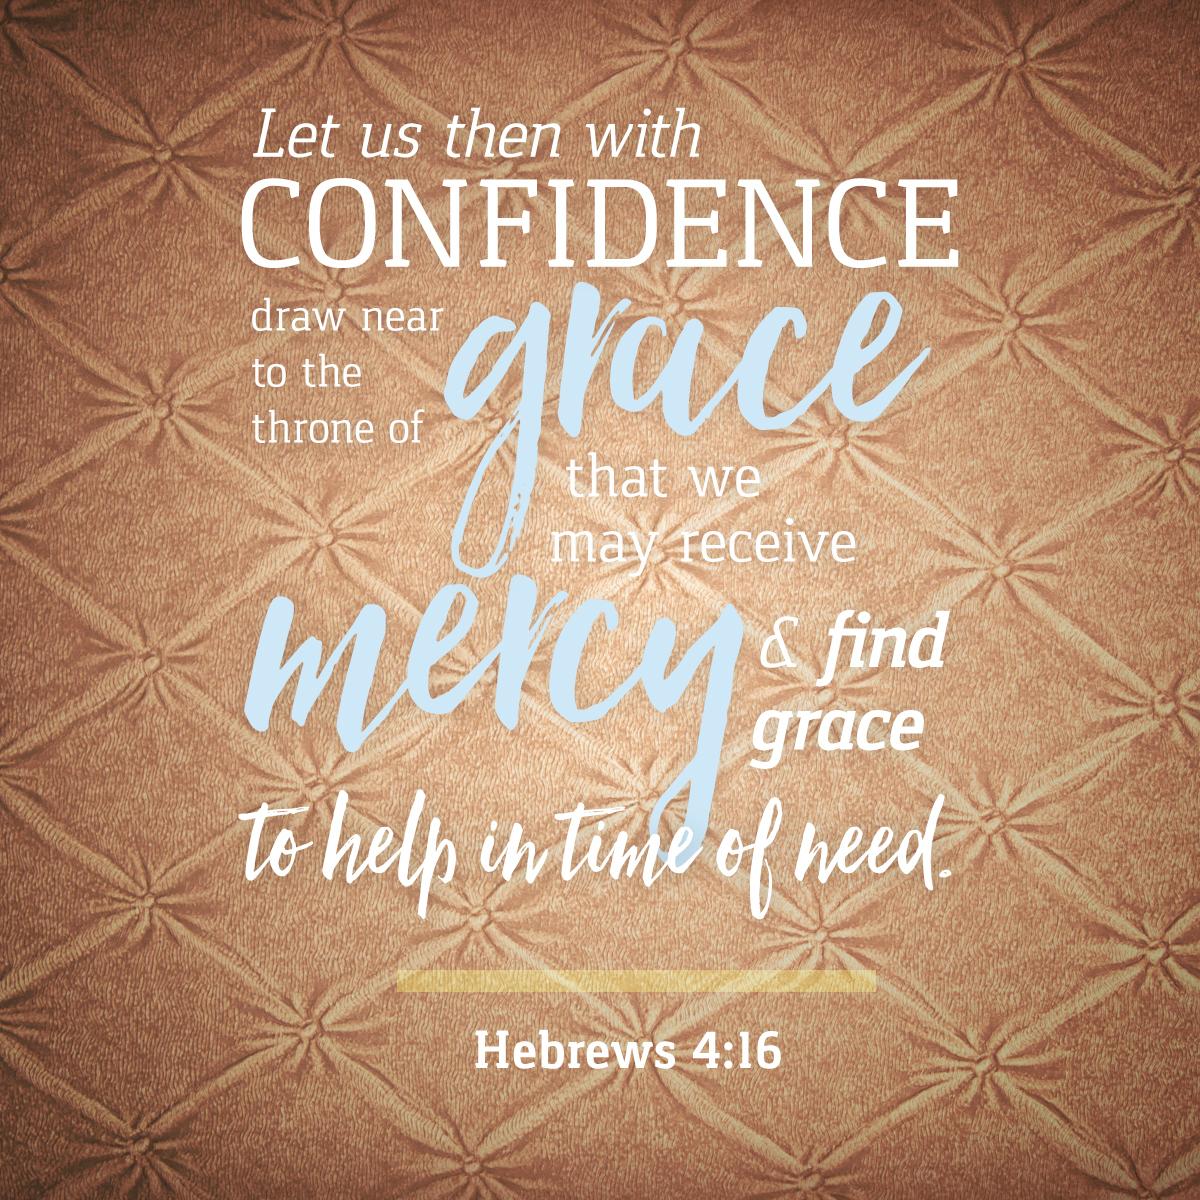 Hebrews 4:16 Daily Verse